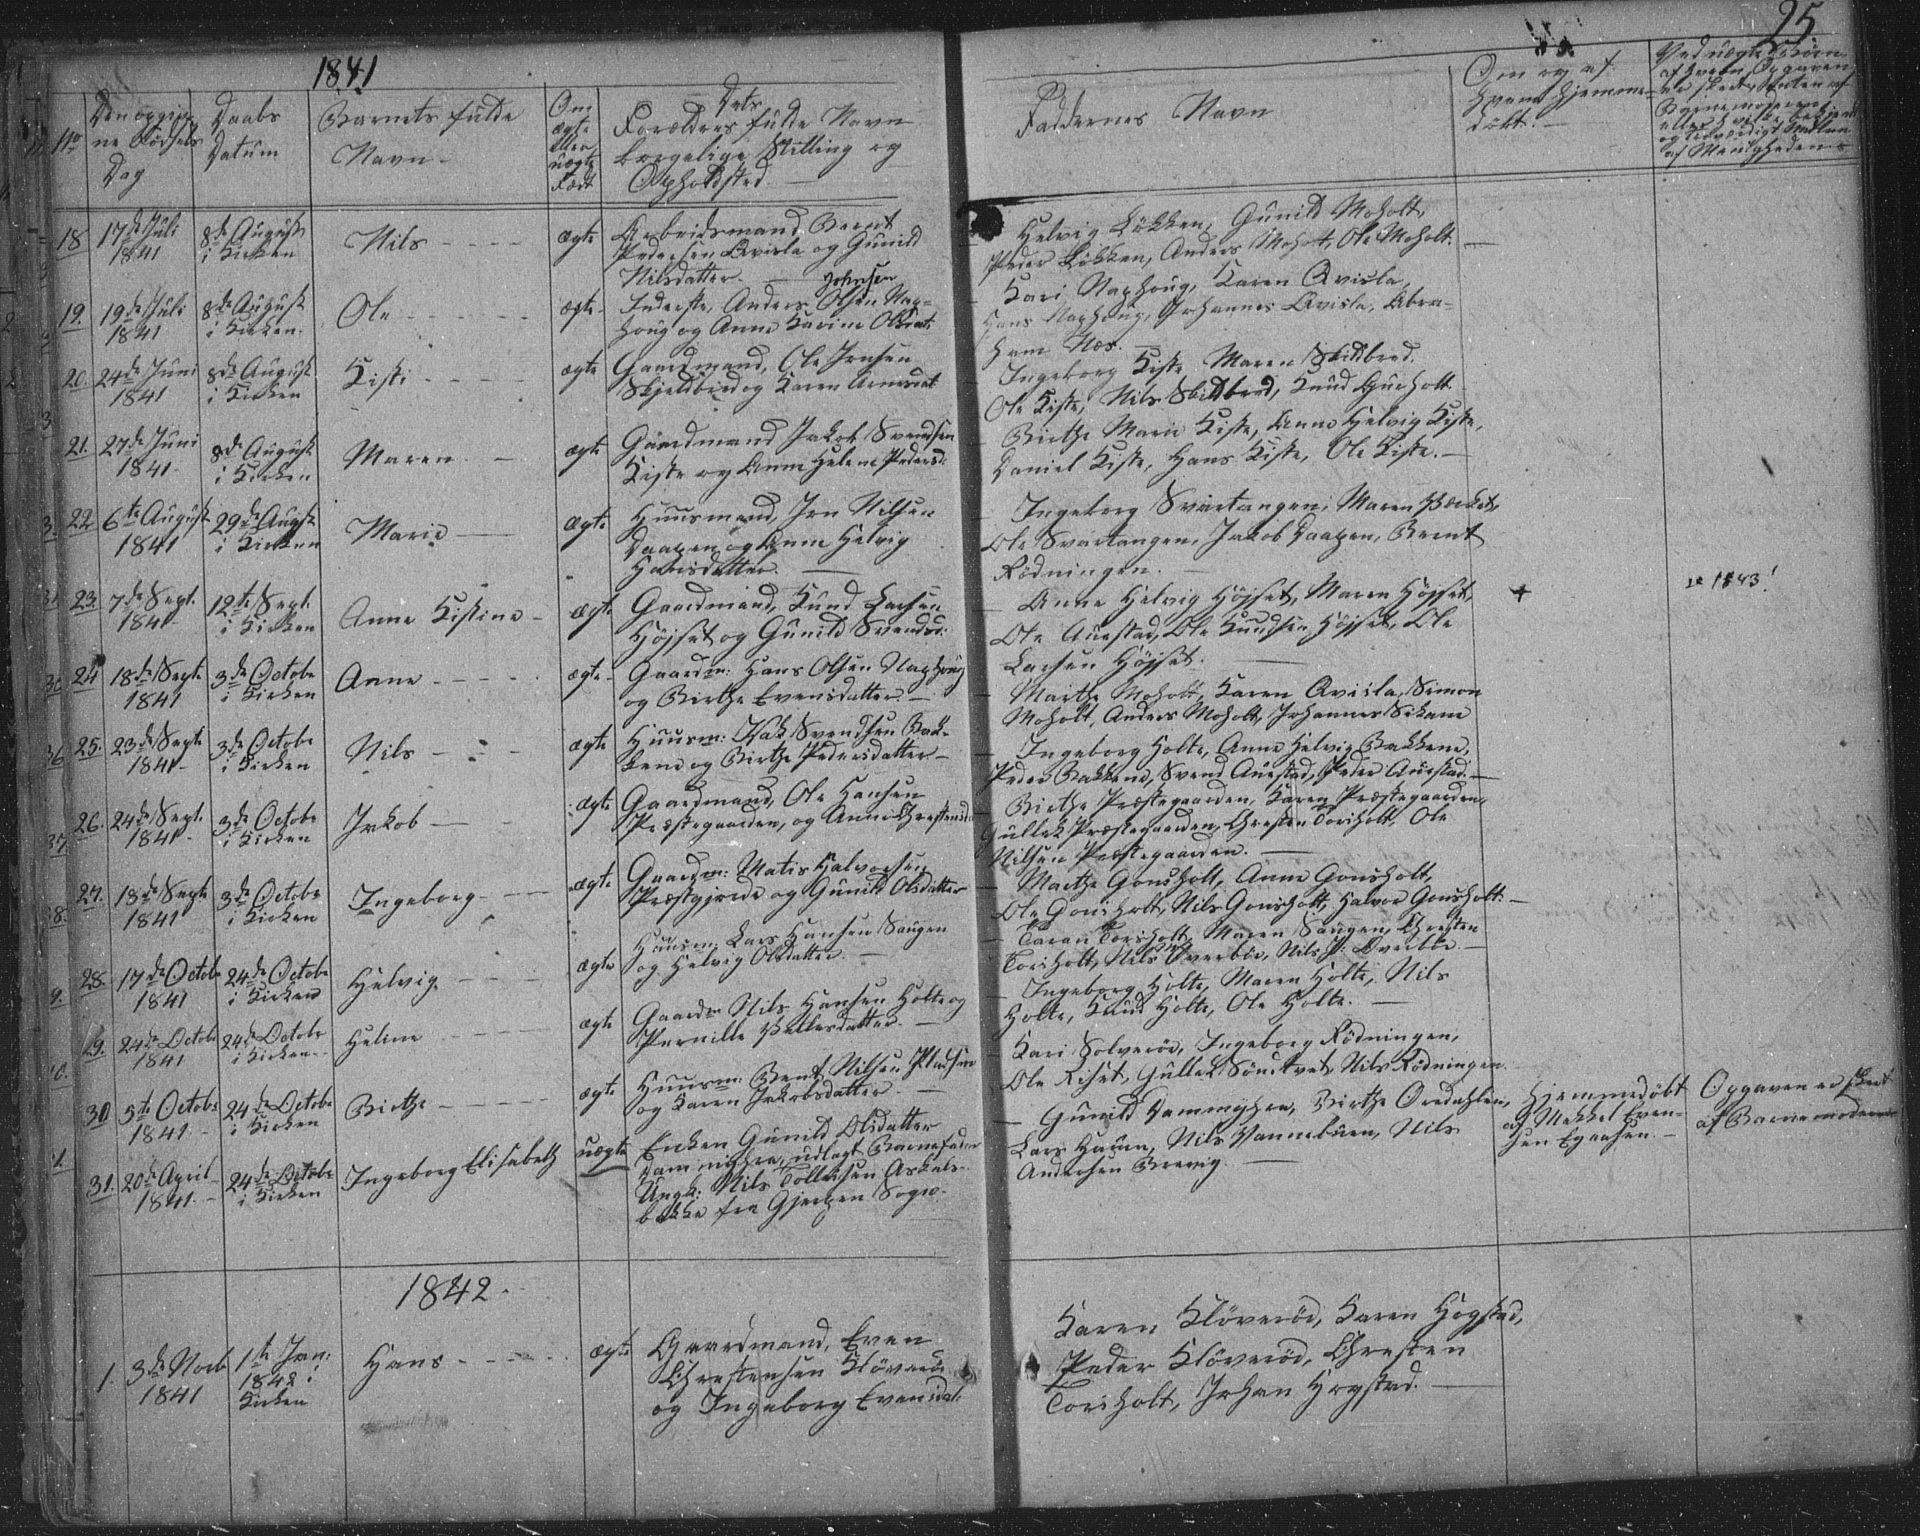 SAKO, Siljan kirkebøker, F/Fa/L0001: Ministerialbok nr. 1, 1831-1870, s. 25